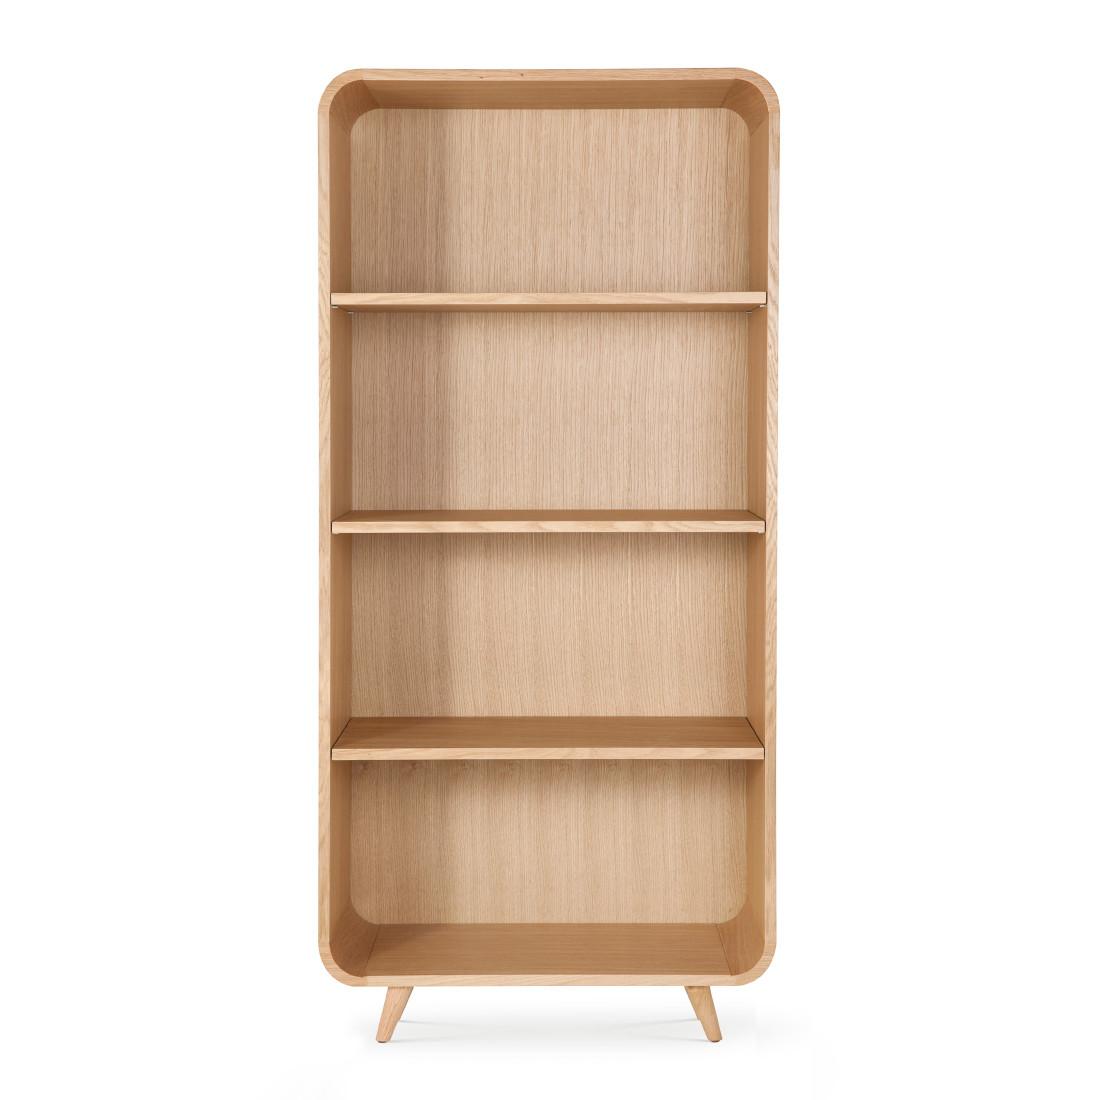 ספריית קיוטו פתוחה -3980 שח